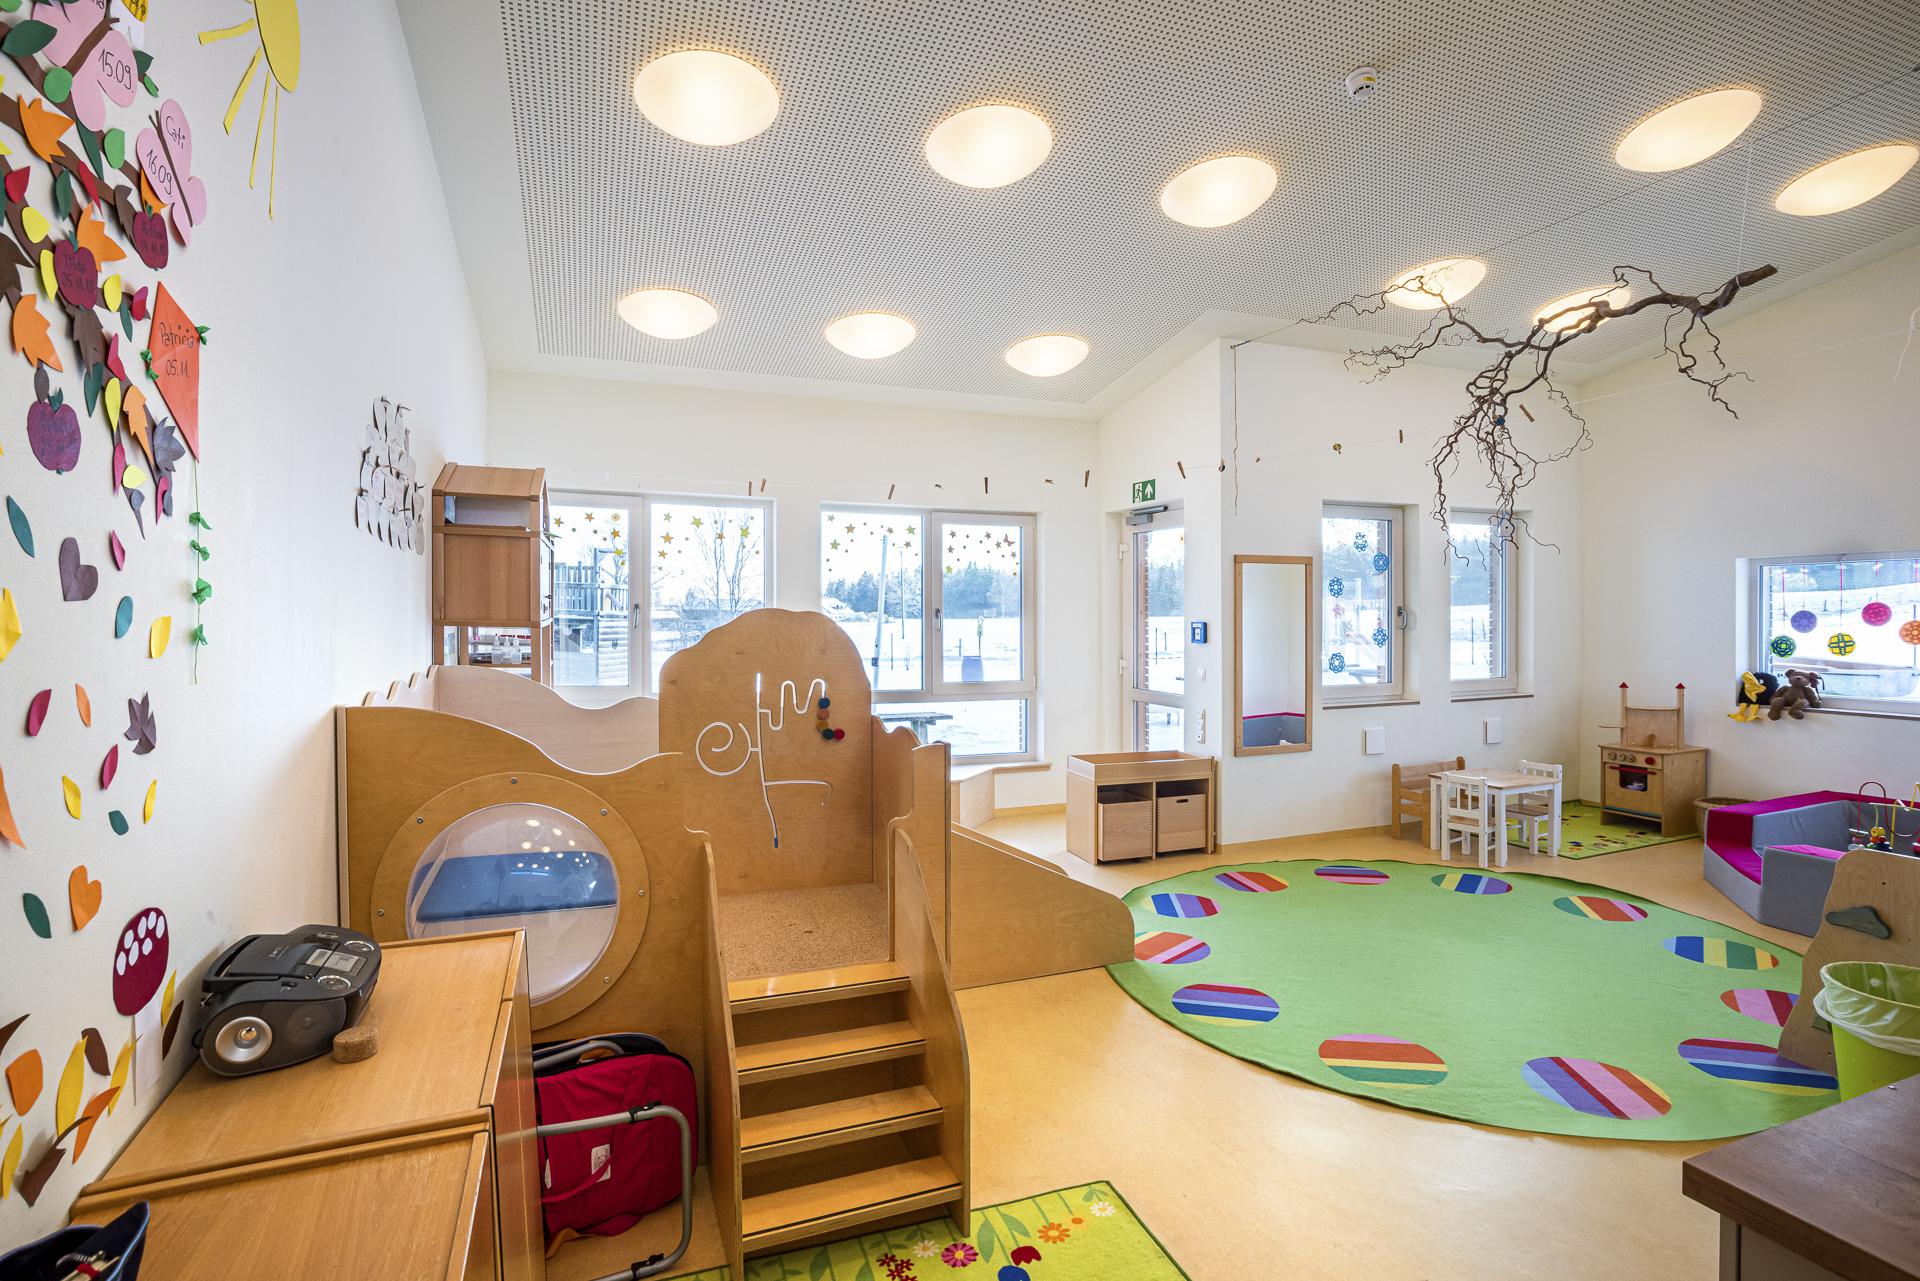 BRK_Kindergarten_Web_1920_Pxls-7